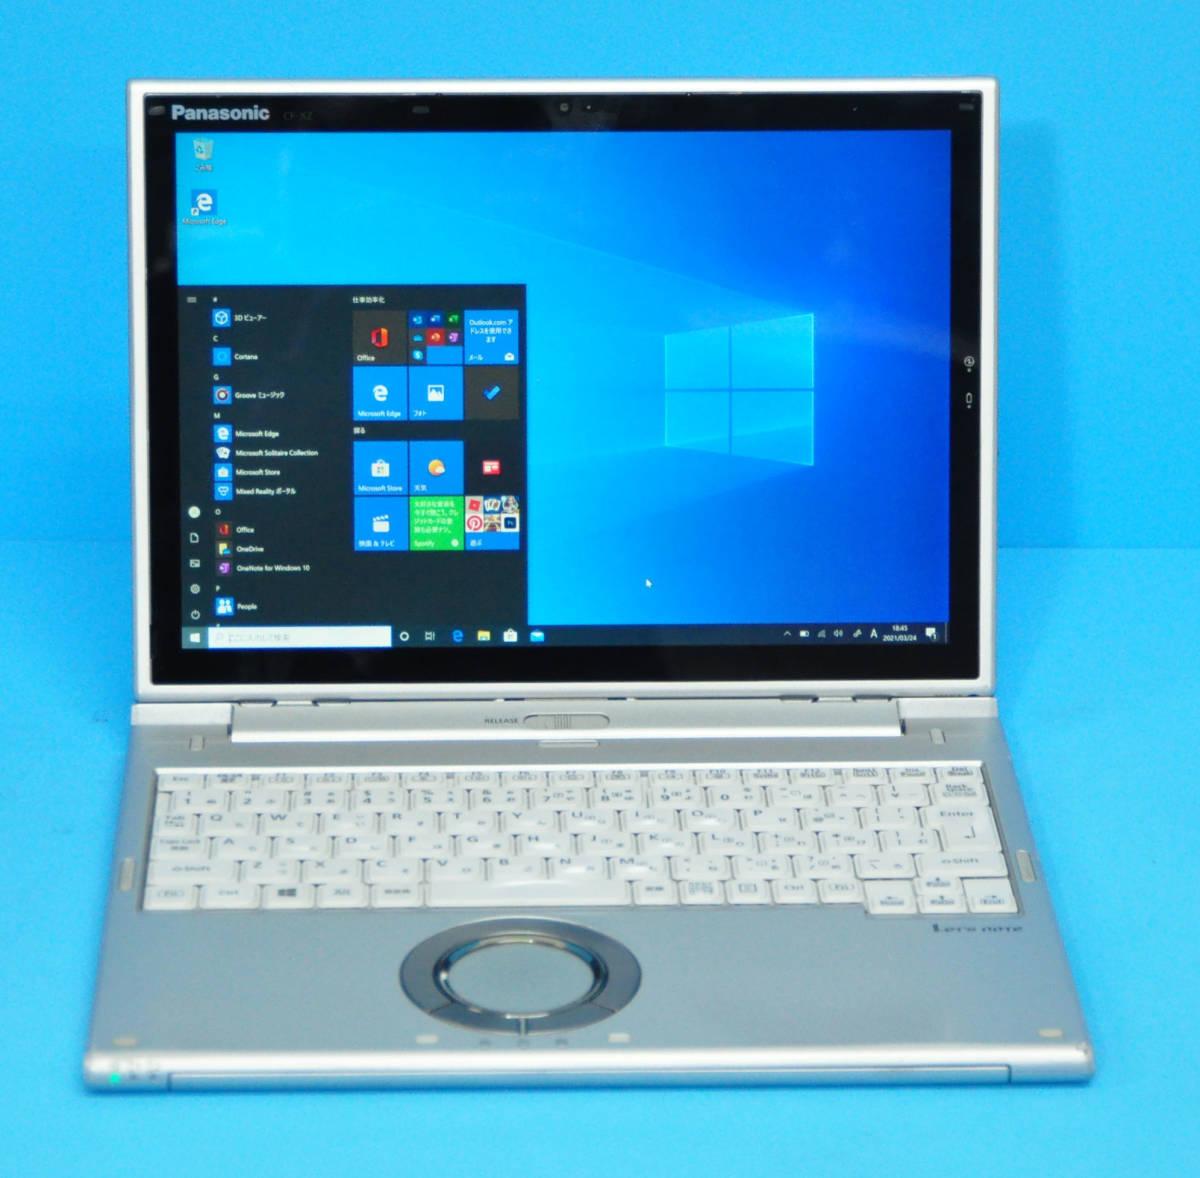 ★ 上位モデル 使用時間1650H ★ タッチパネル Panasonic CF-XZ6 Core i5 7300U/ メモリ8GB/ SSD 256GB/ 顔認証カメラ/ Office2019/ Win10_画像9